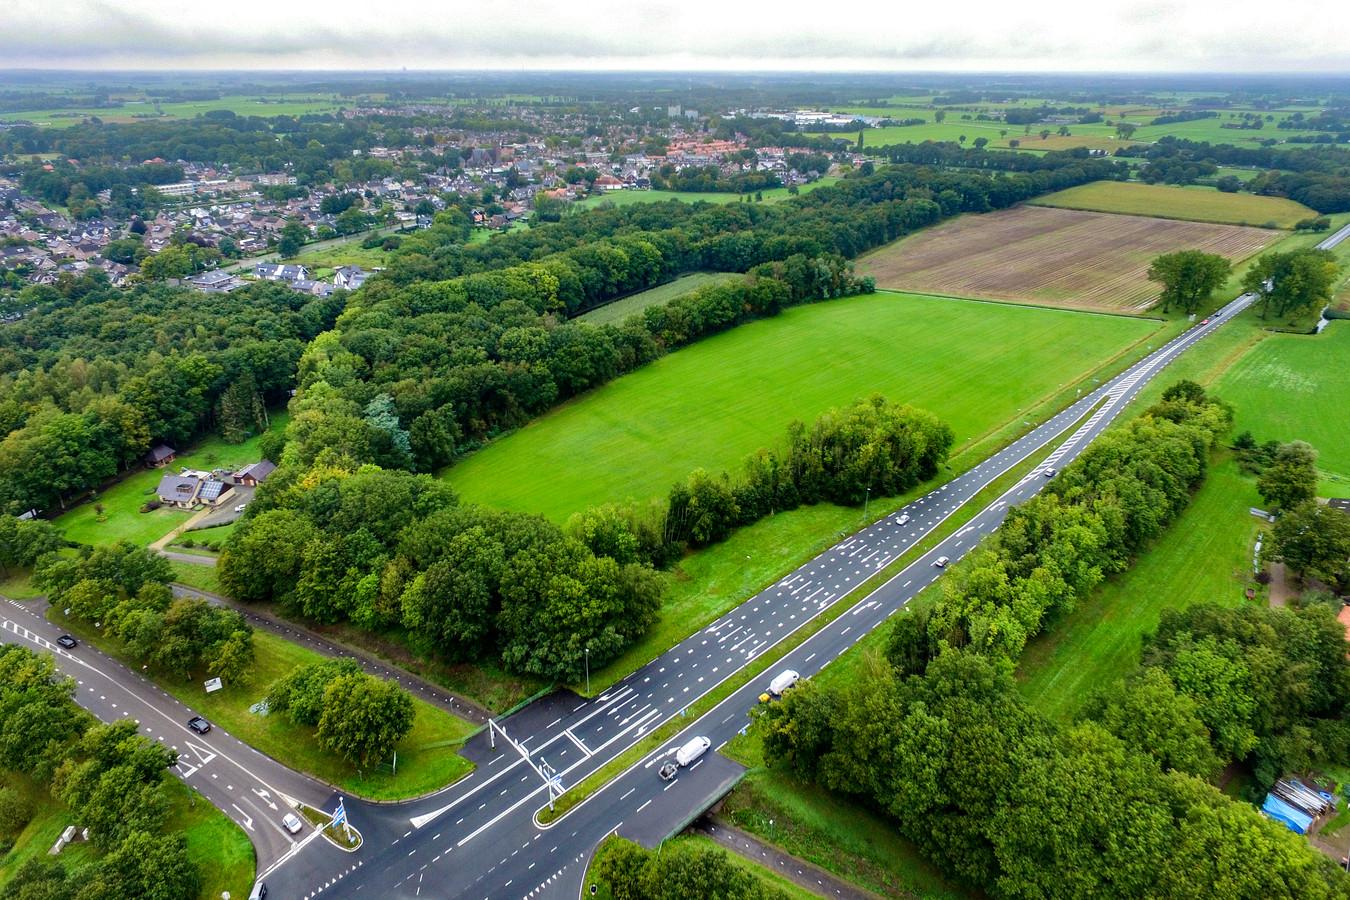 Op deze weilanden tussen de N35 en landgoed De Vlaminckhorst wil Han Oortwijn een zonnepark van 6,2 hectare laten ontwikkelen.